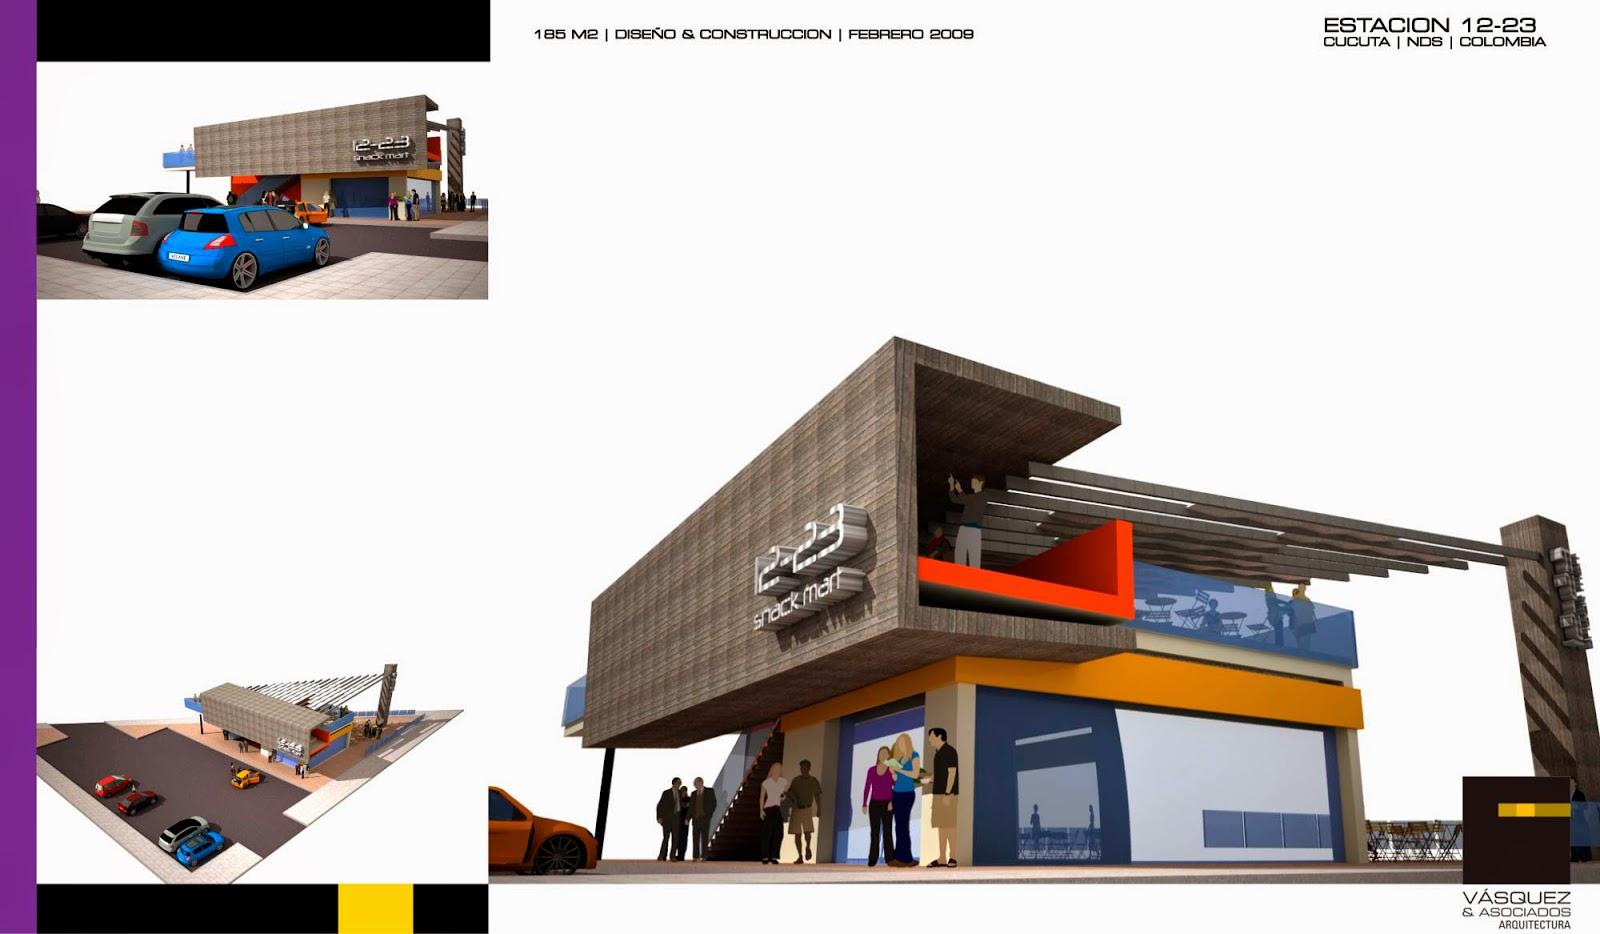 Vasquez y asociados arquitectura ltda snak mart 12 23 for Genesis arquitectura y diseno ltda